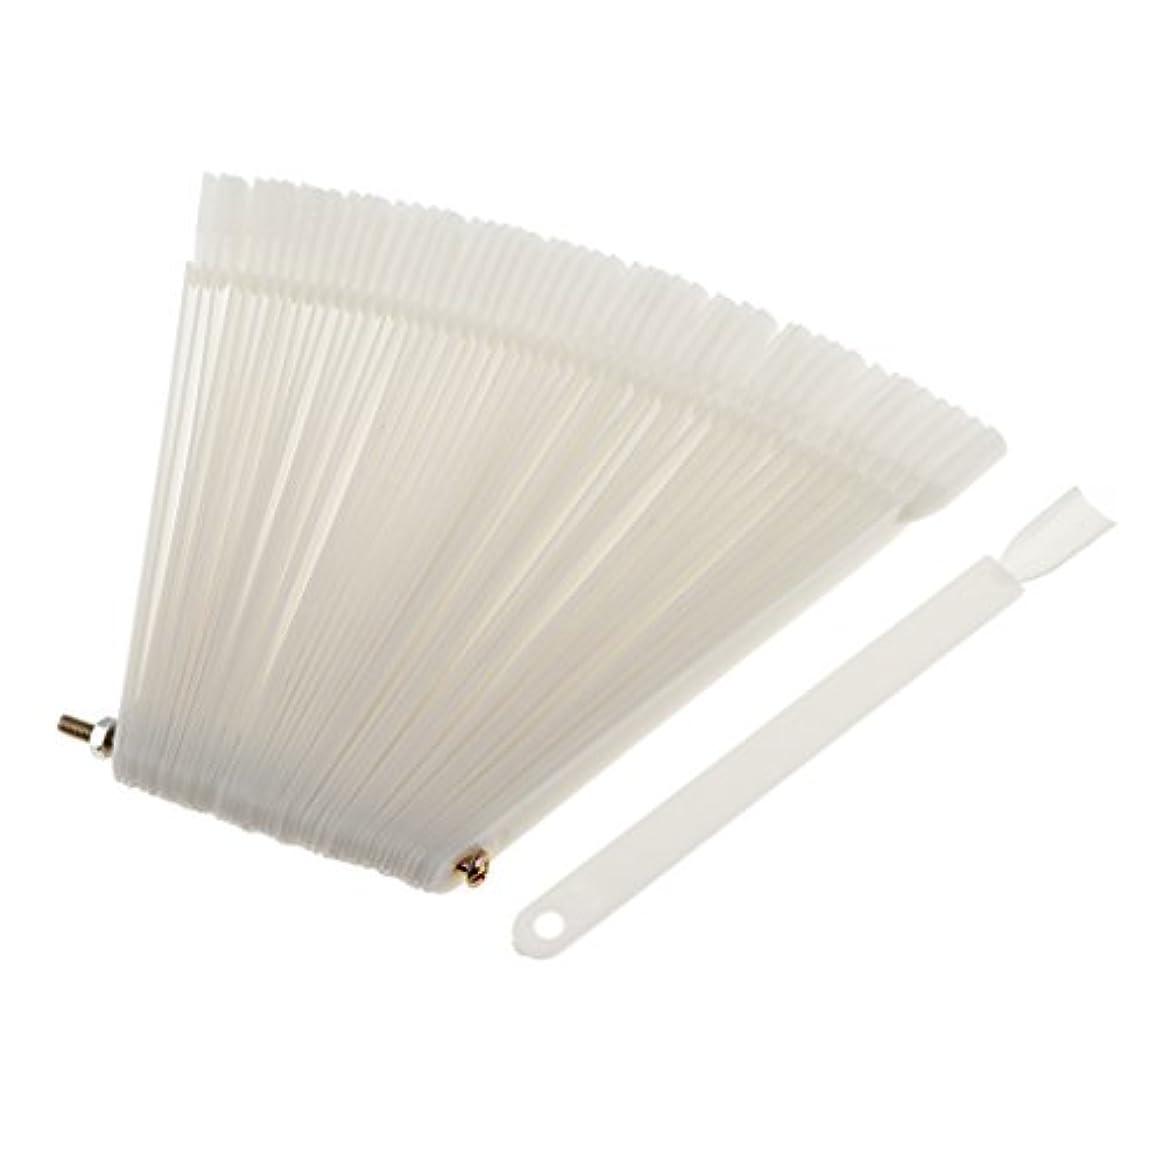 続編薄汚い立方体ネイルアート カラースティック ネイルファン ネイルポーランド カラーディスプレイ 3色選べ - 白